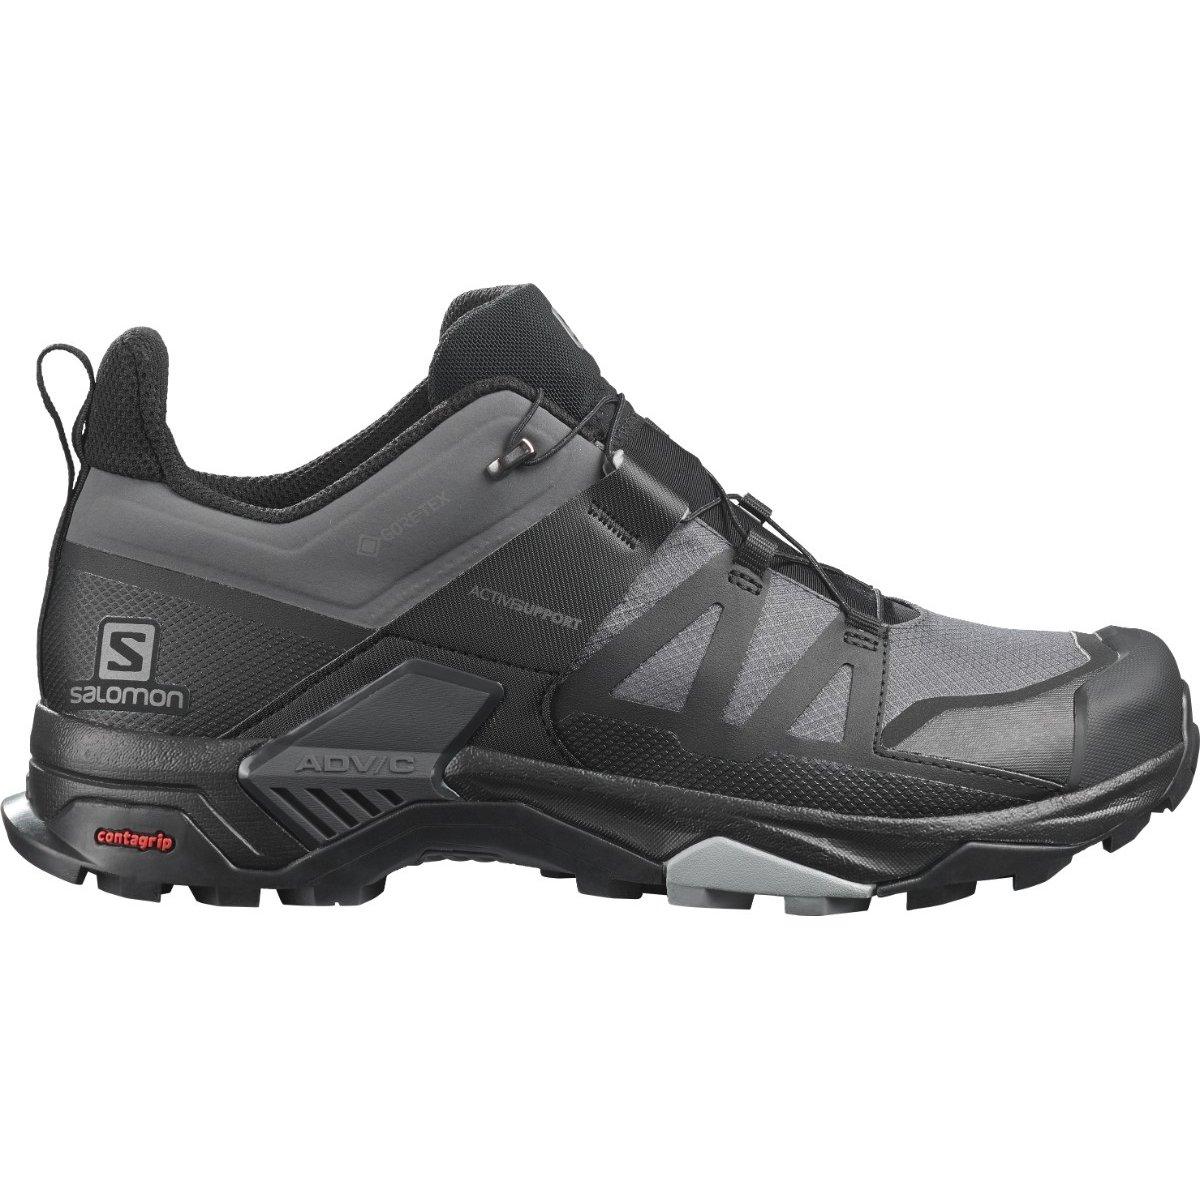 X Ultra 4 GTX Shoe Magnet - Men's